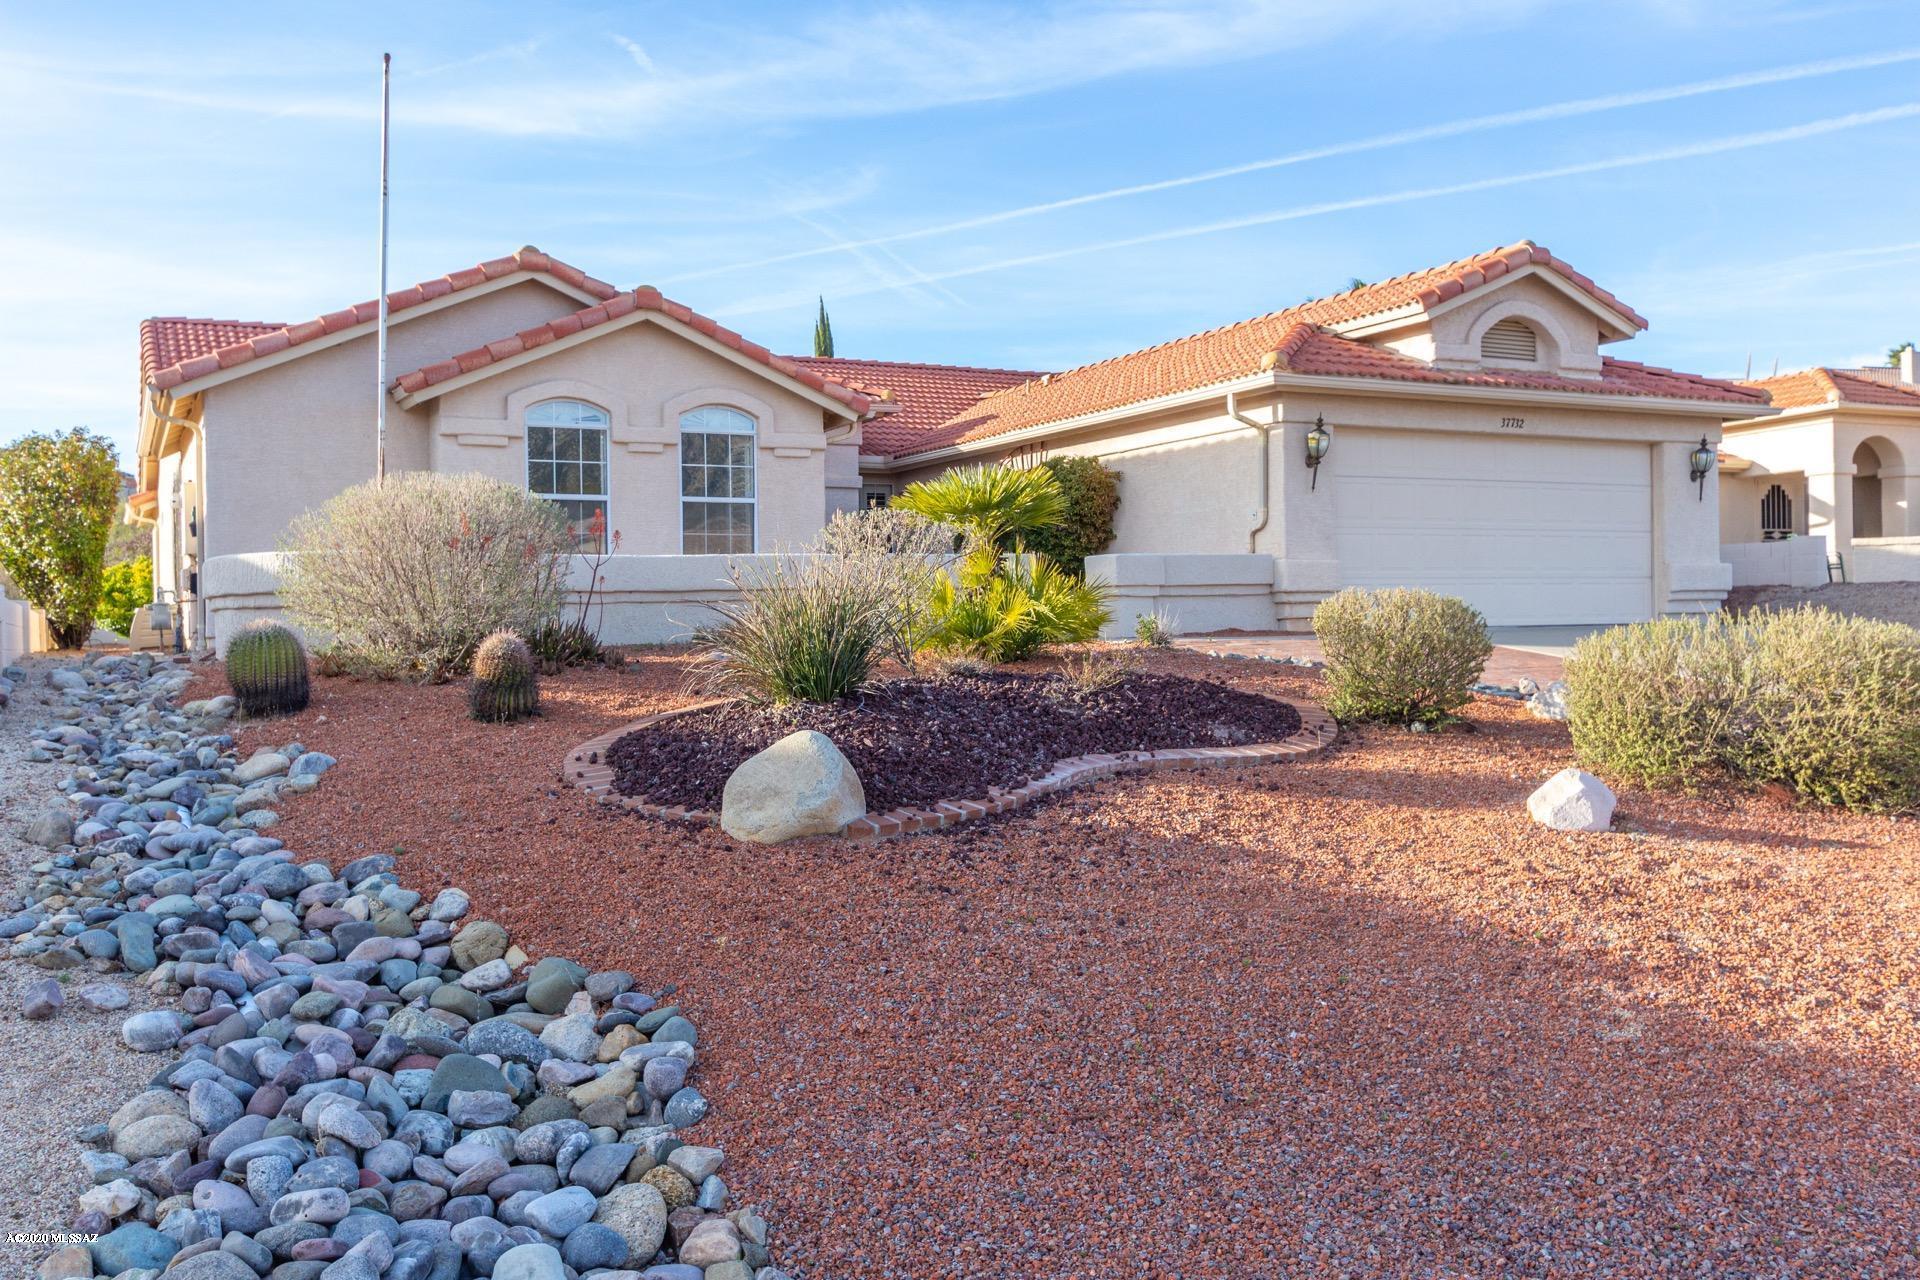 Photo of 37732 S Mashie Drive, Saddlebrooke, AZ 85739